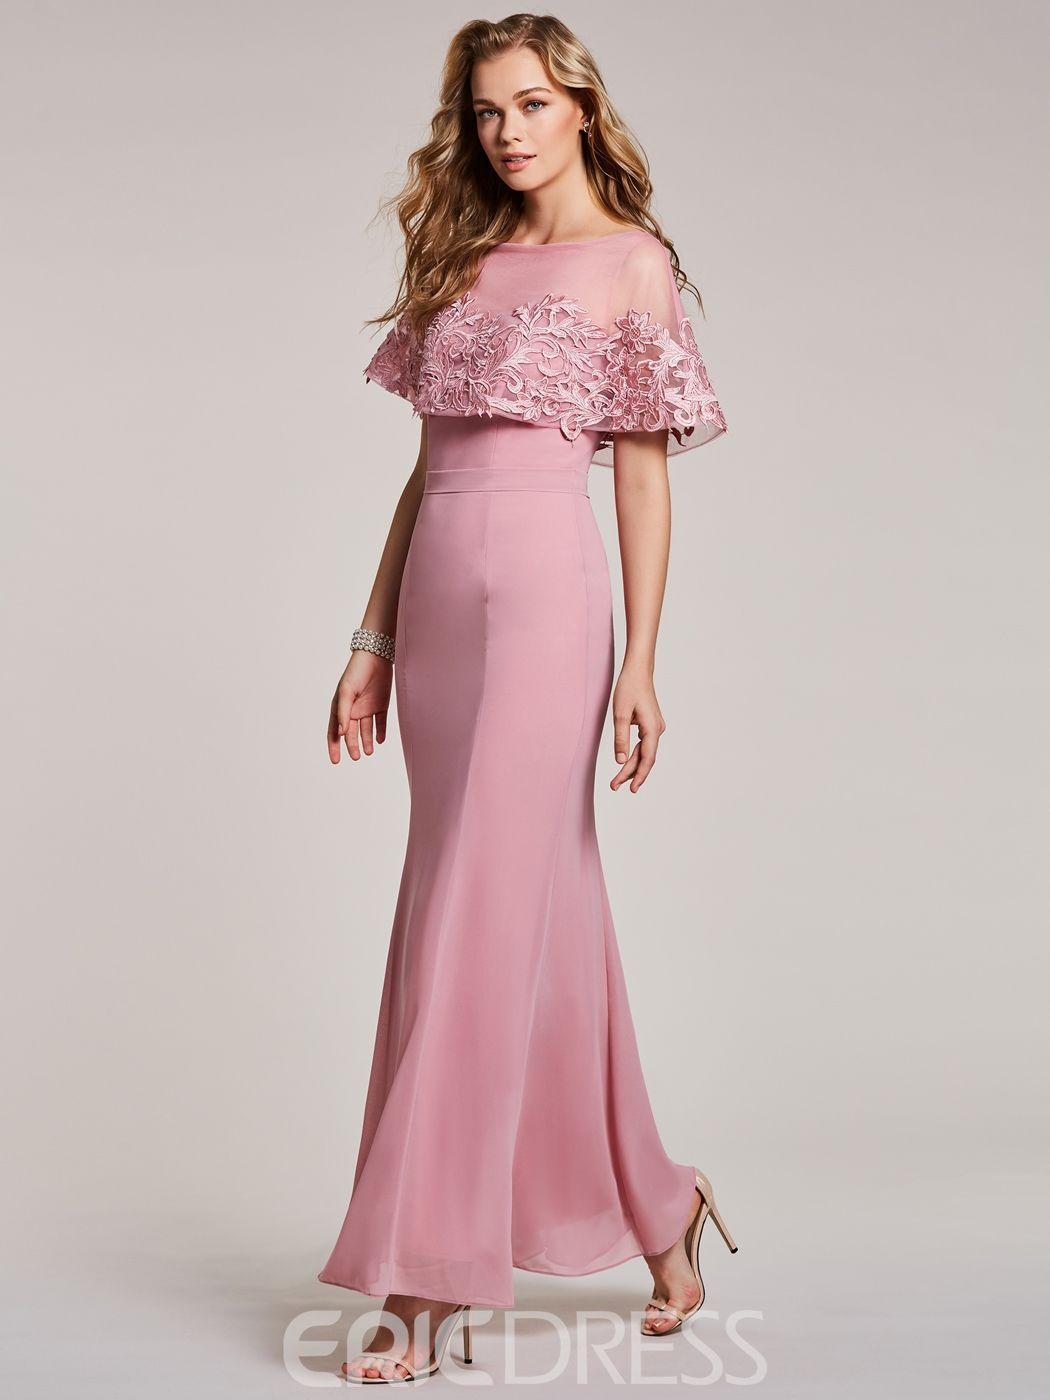 Bateau Neck Lace Appliques Mermaid Evening Dress | Jorge y Boda